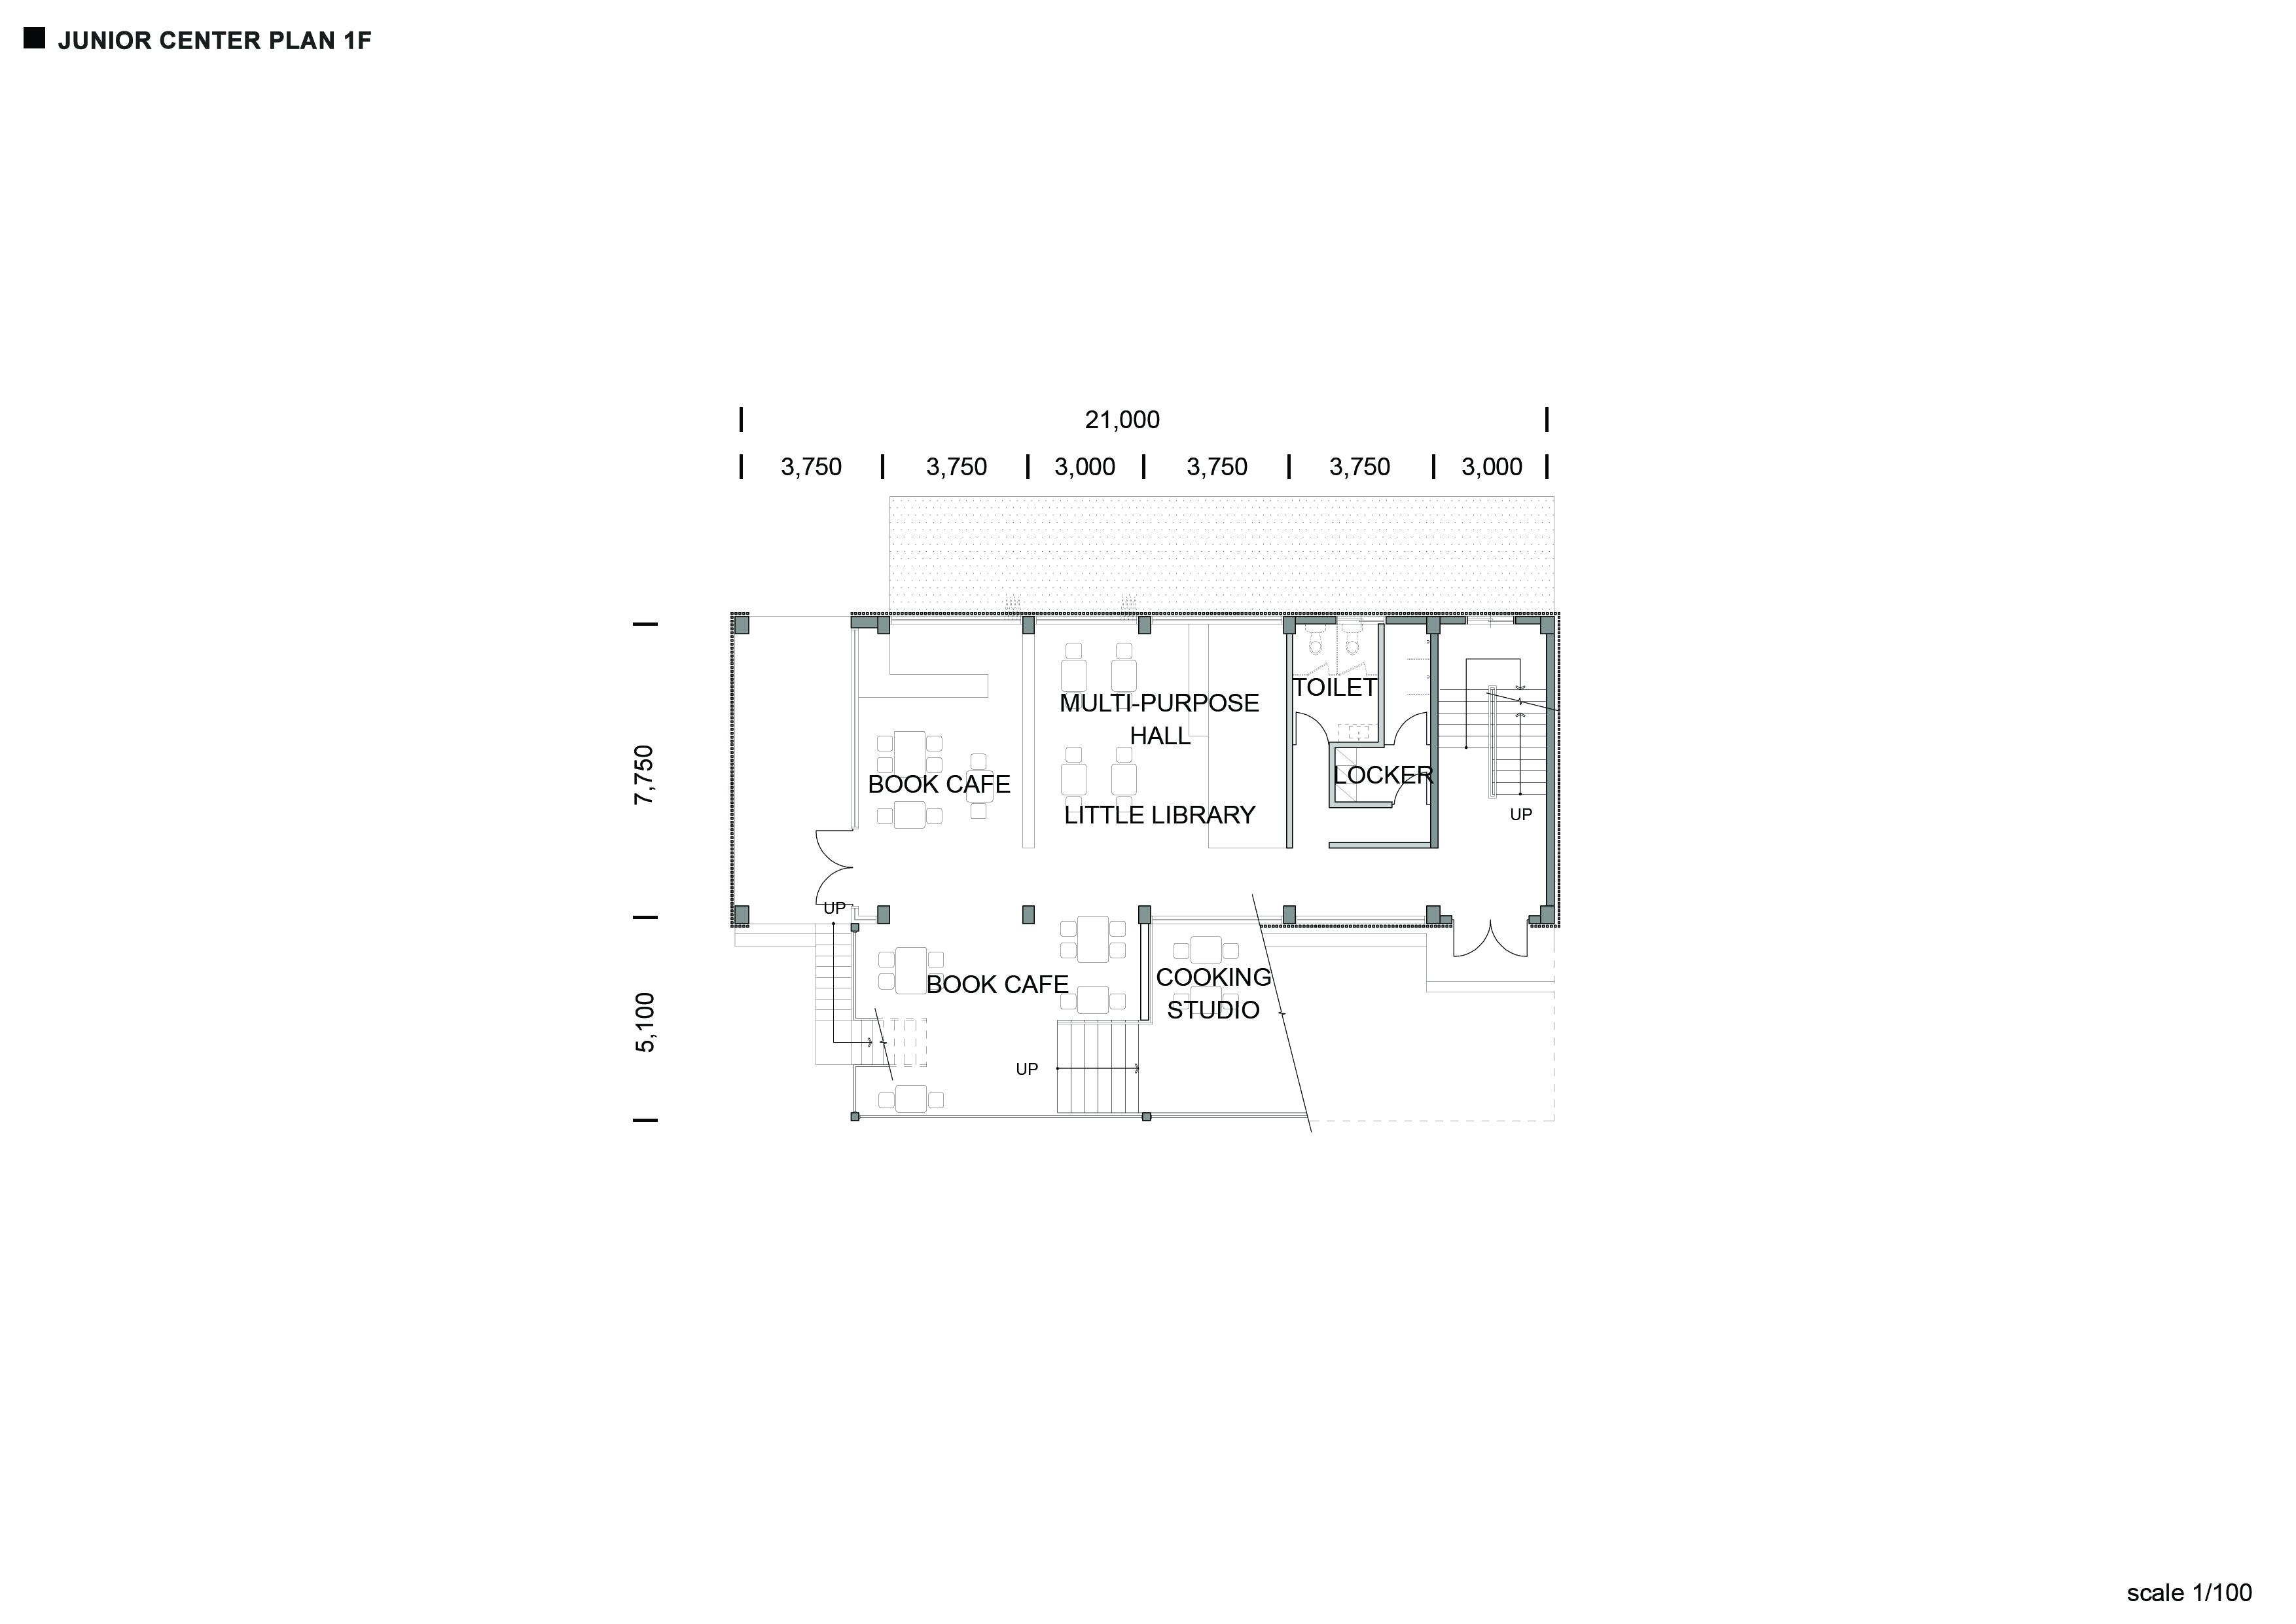 Junior Center_ Plan_ 1F